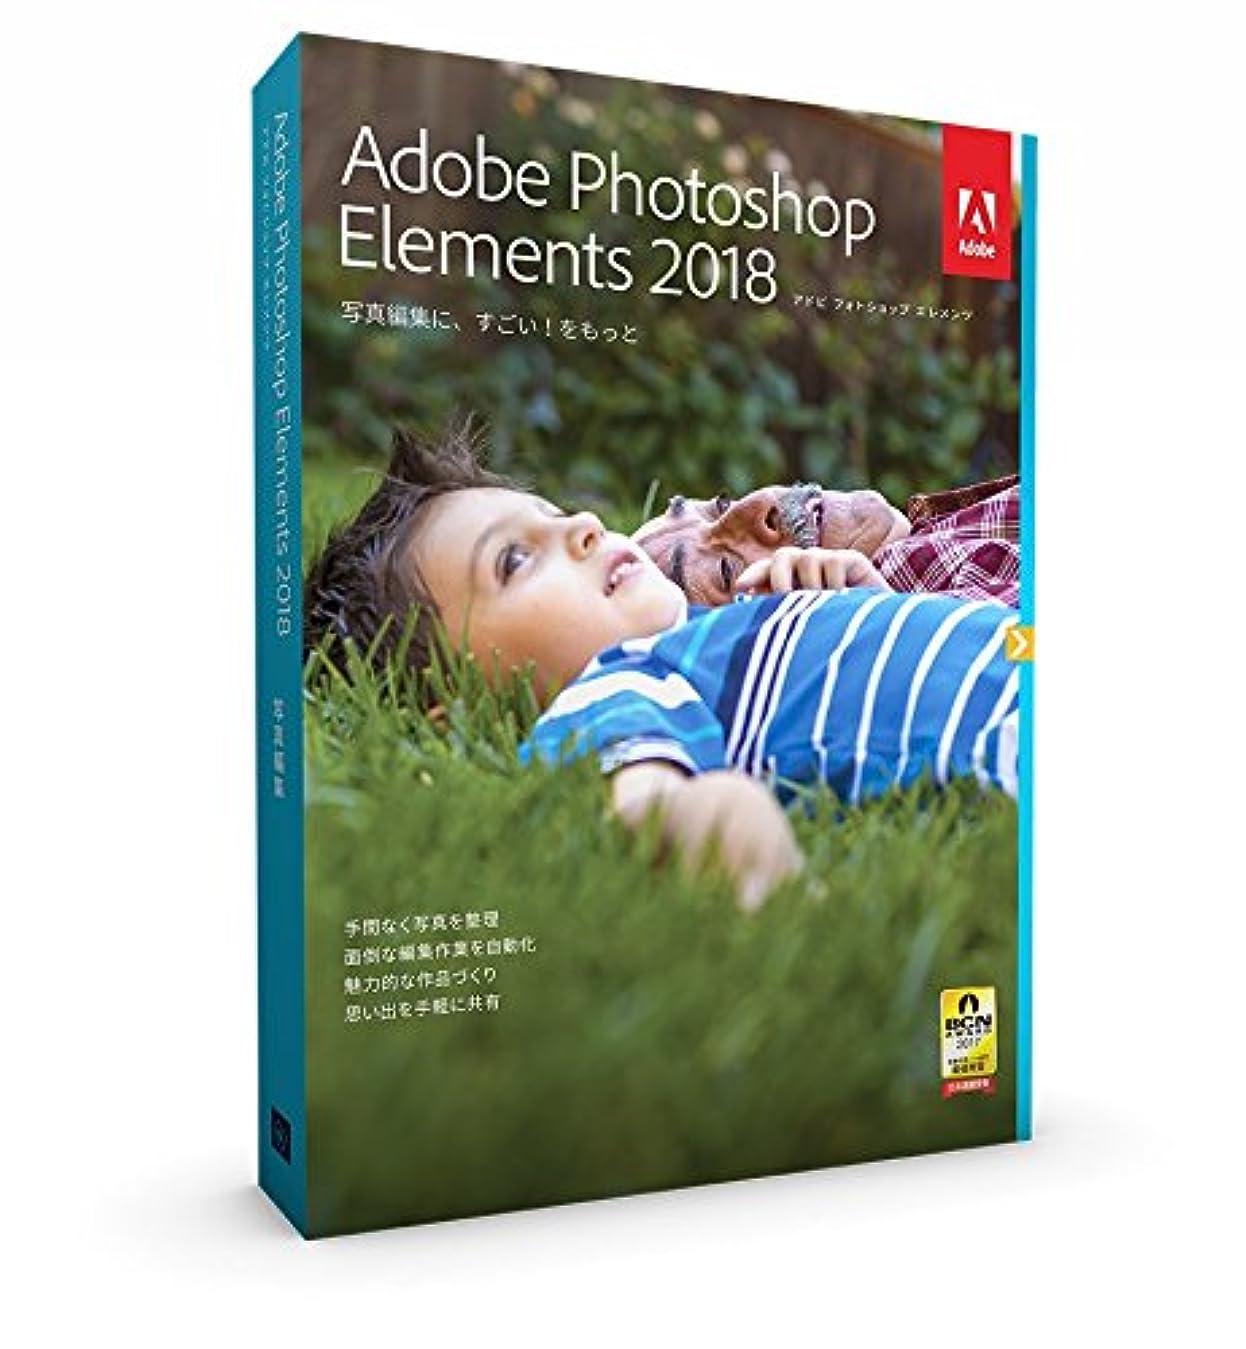 ダイバー哲学活性化する【旧製品】Adobe Photoshop Elements 2018 日本語版 Windows/Macintosh版